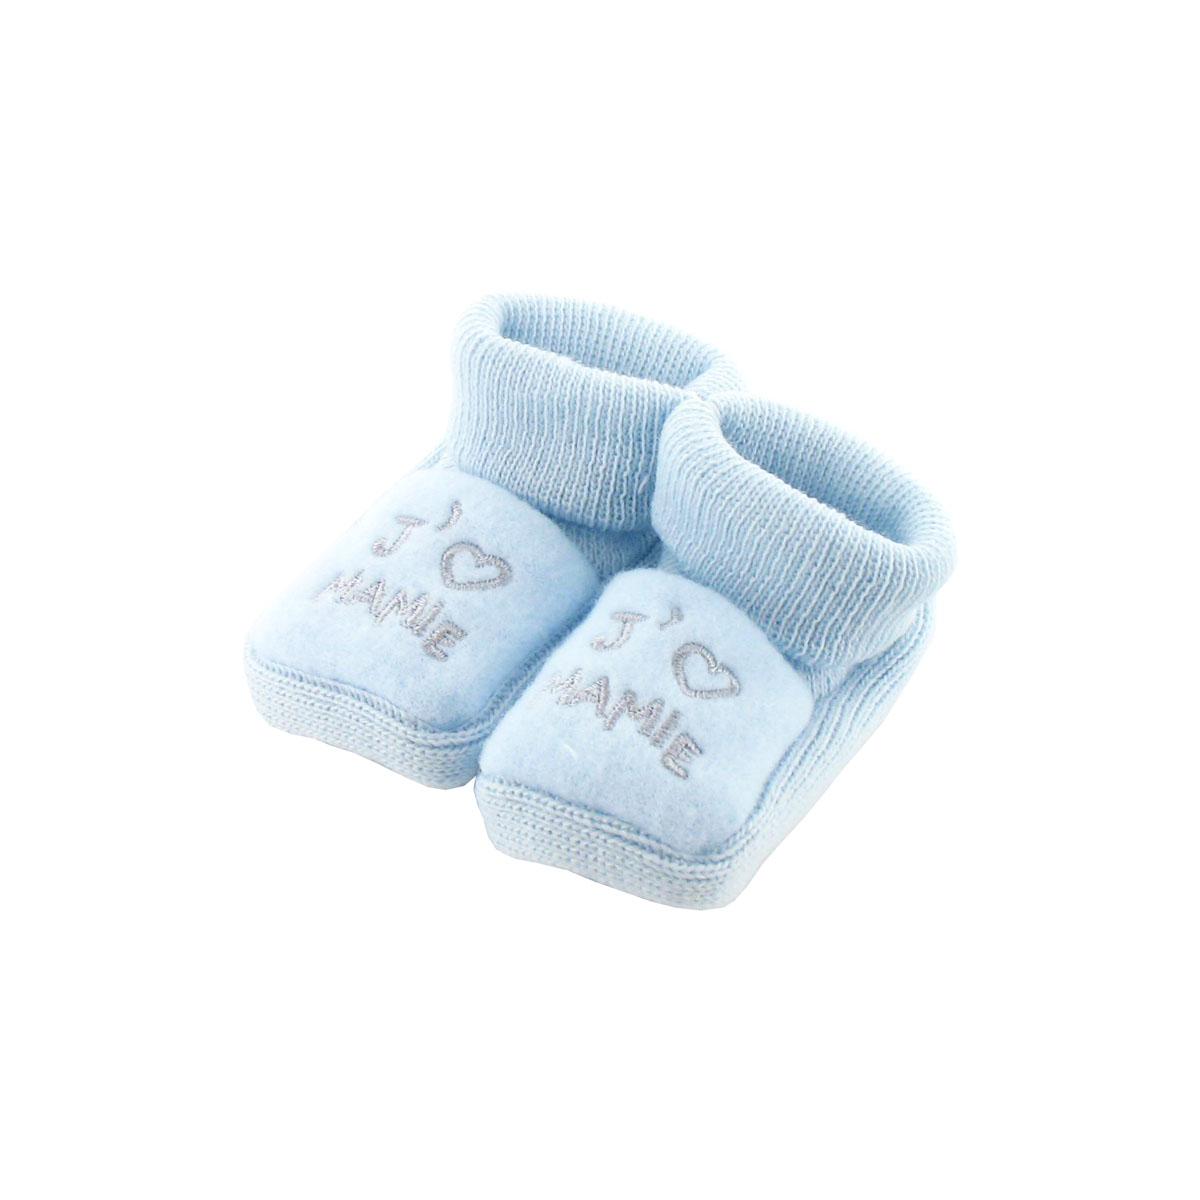 fe383e82ac7a9 Chaussons pour bébé 0 à 3 Mois bleu - J aime mamie - Les chaussures  Chaussons - tendresse de bébé